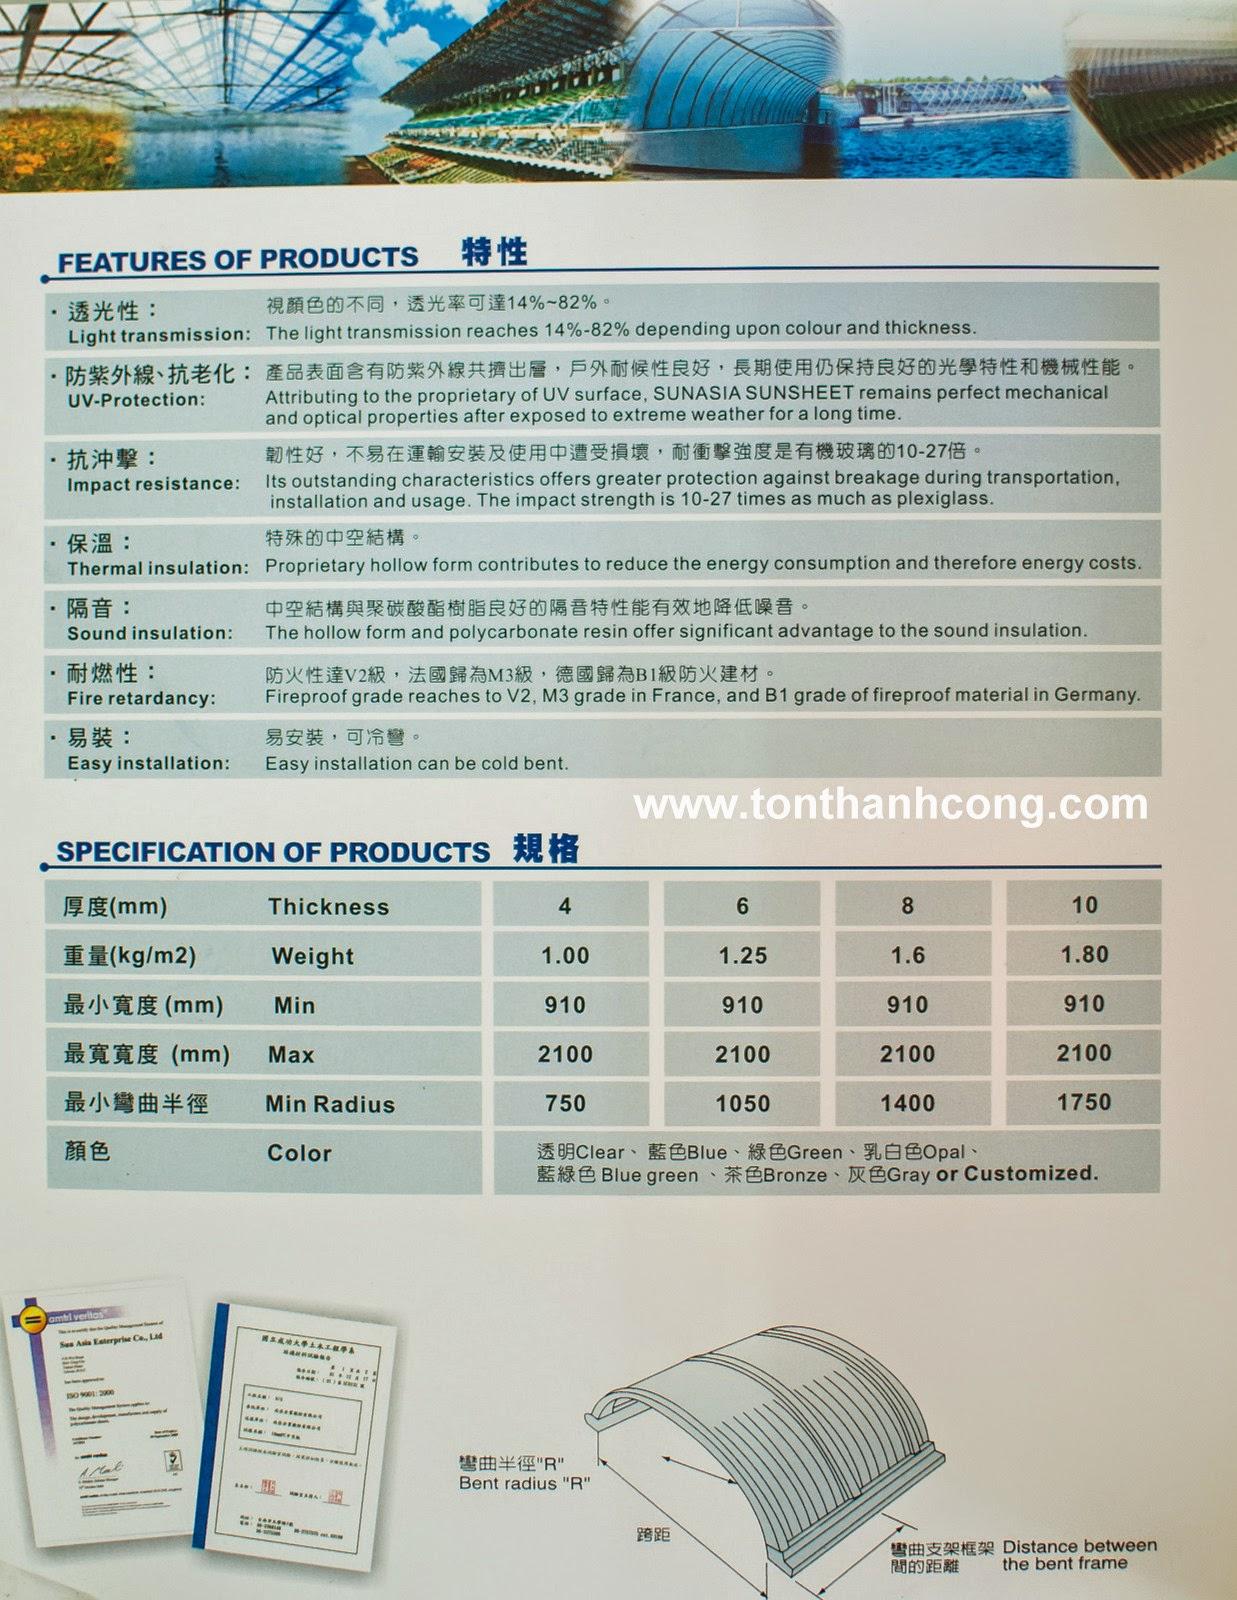 Tấm Lợp Lấy Sáng Polycarbonate Rỗng Ruột QueenLite - Trang 3